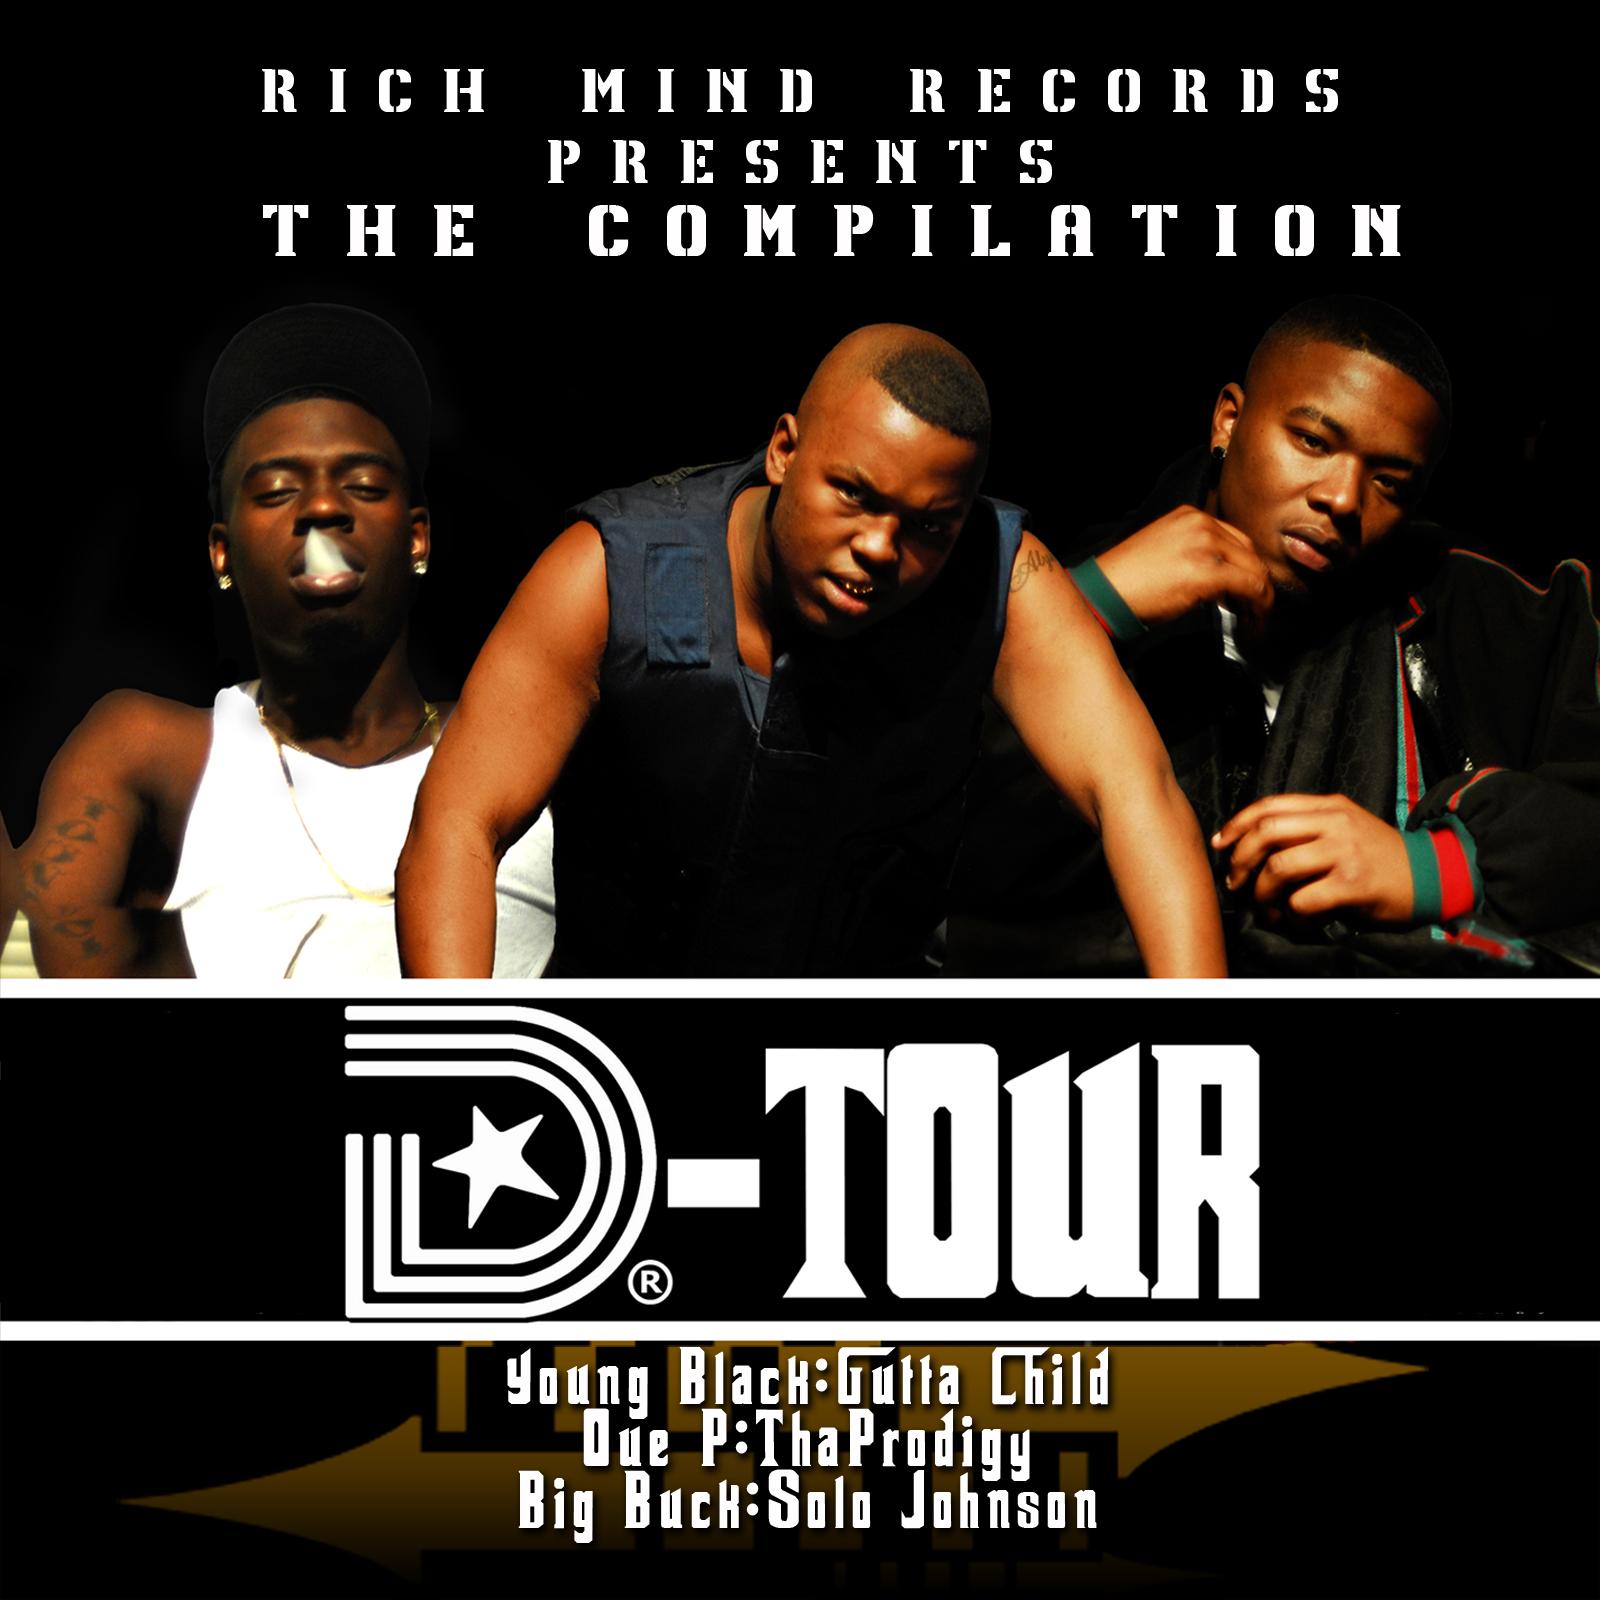 D-Tour Compilation by Bigg Bucc